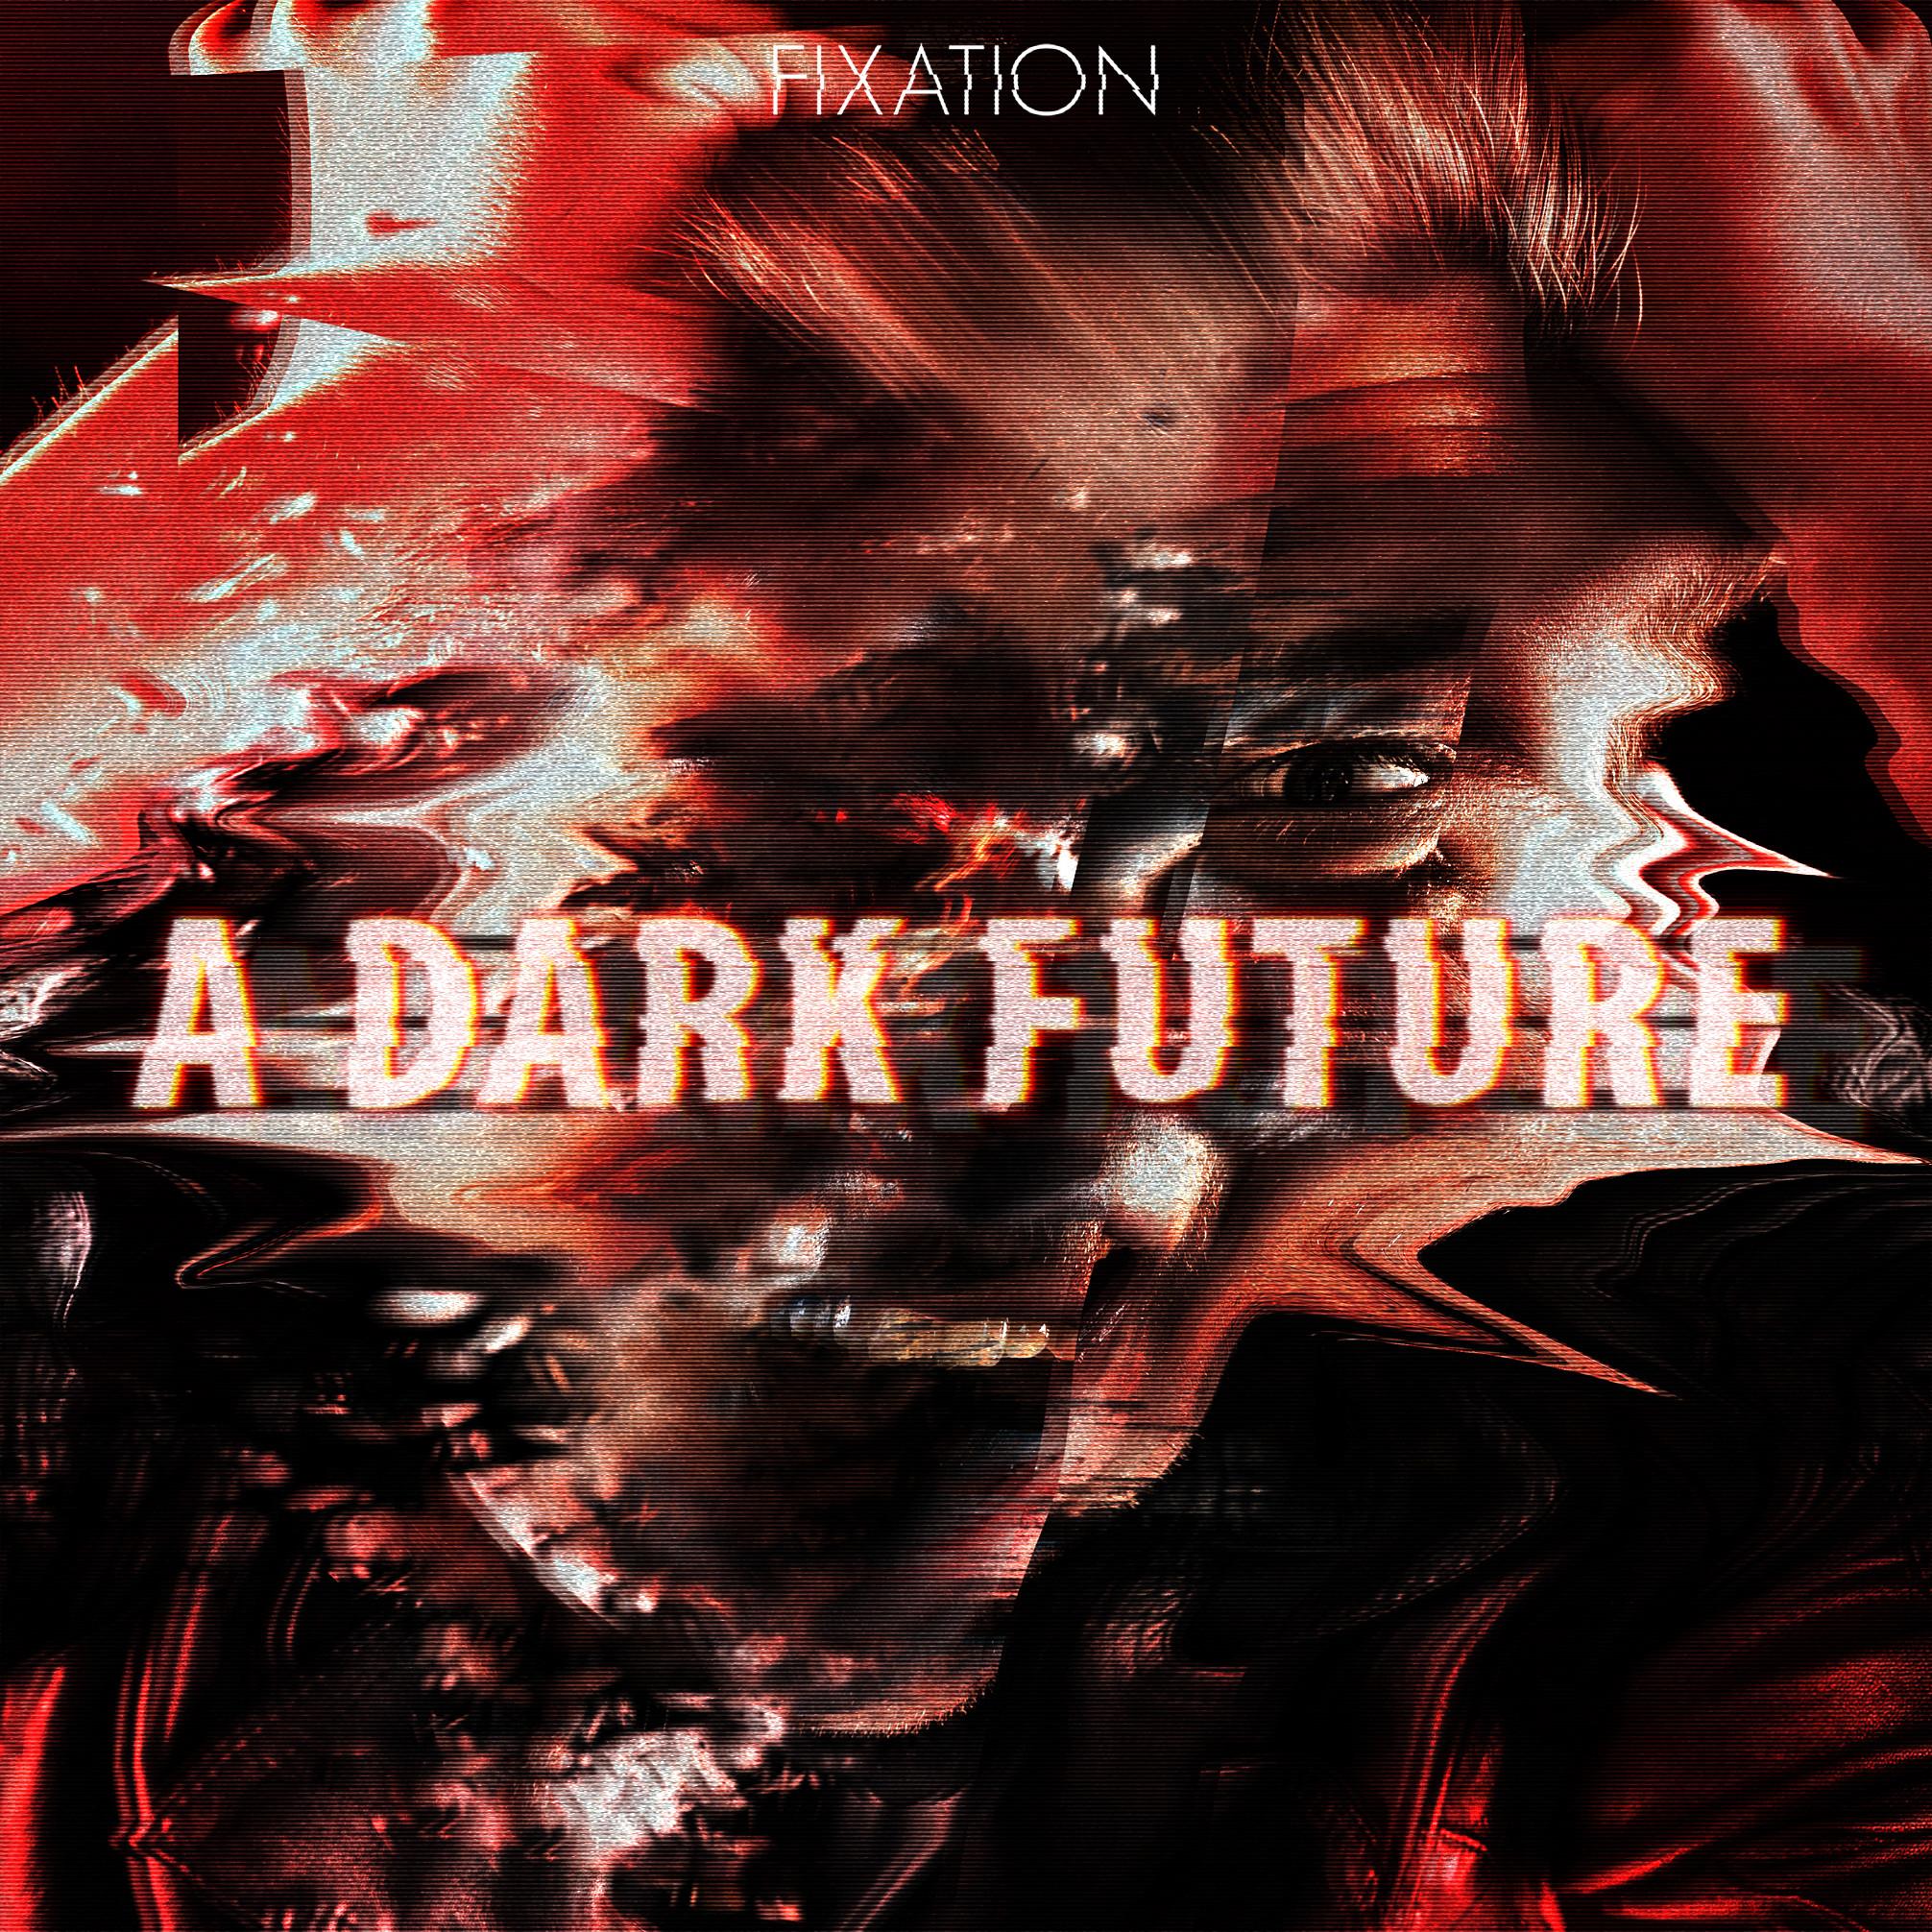 A dark future cover 50% alt.jpg